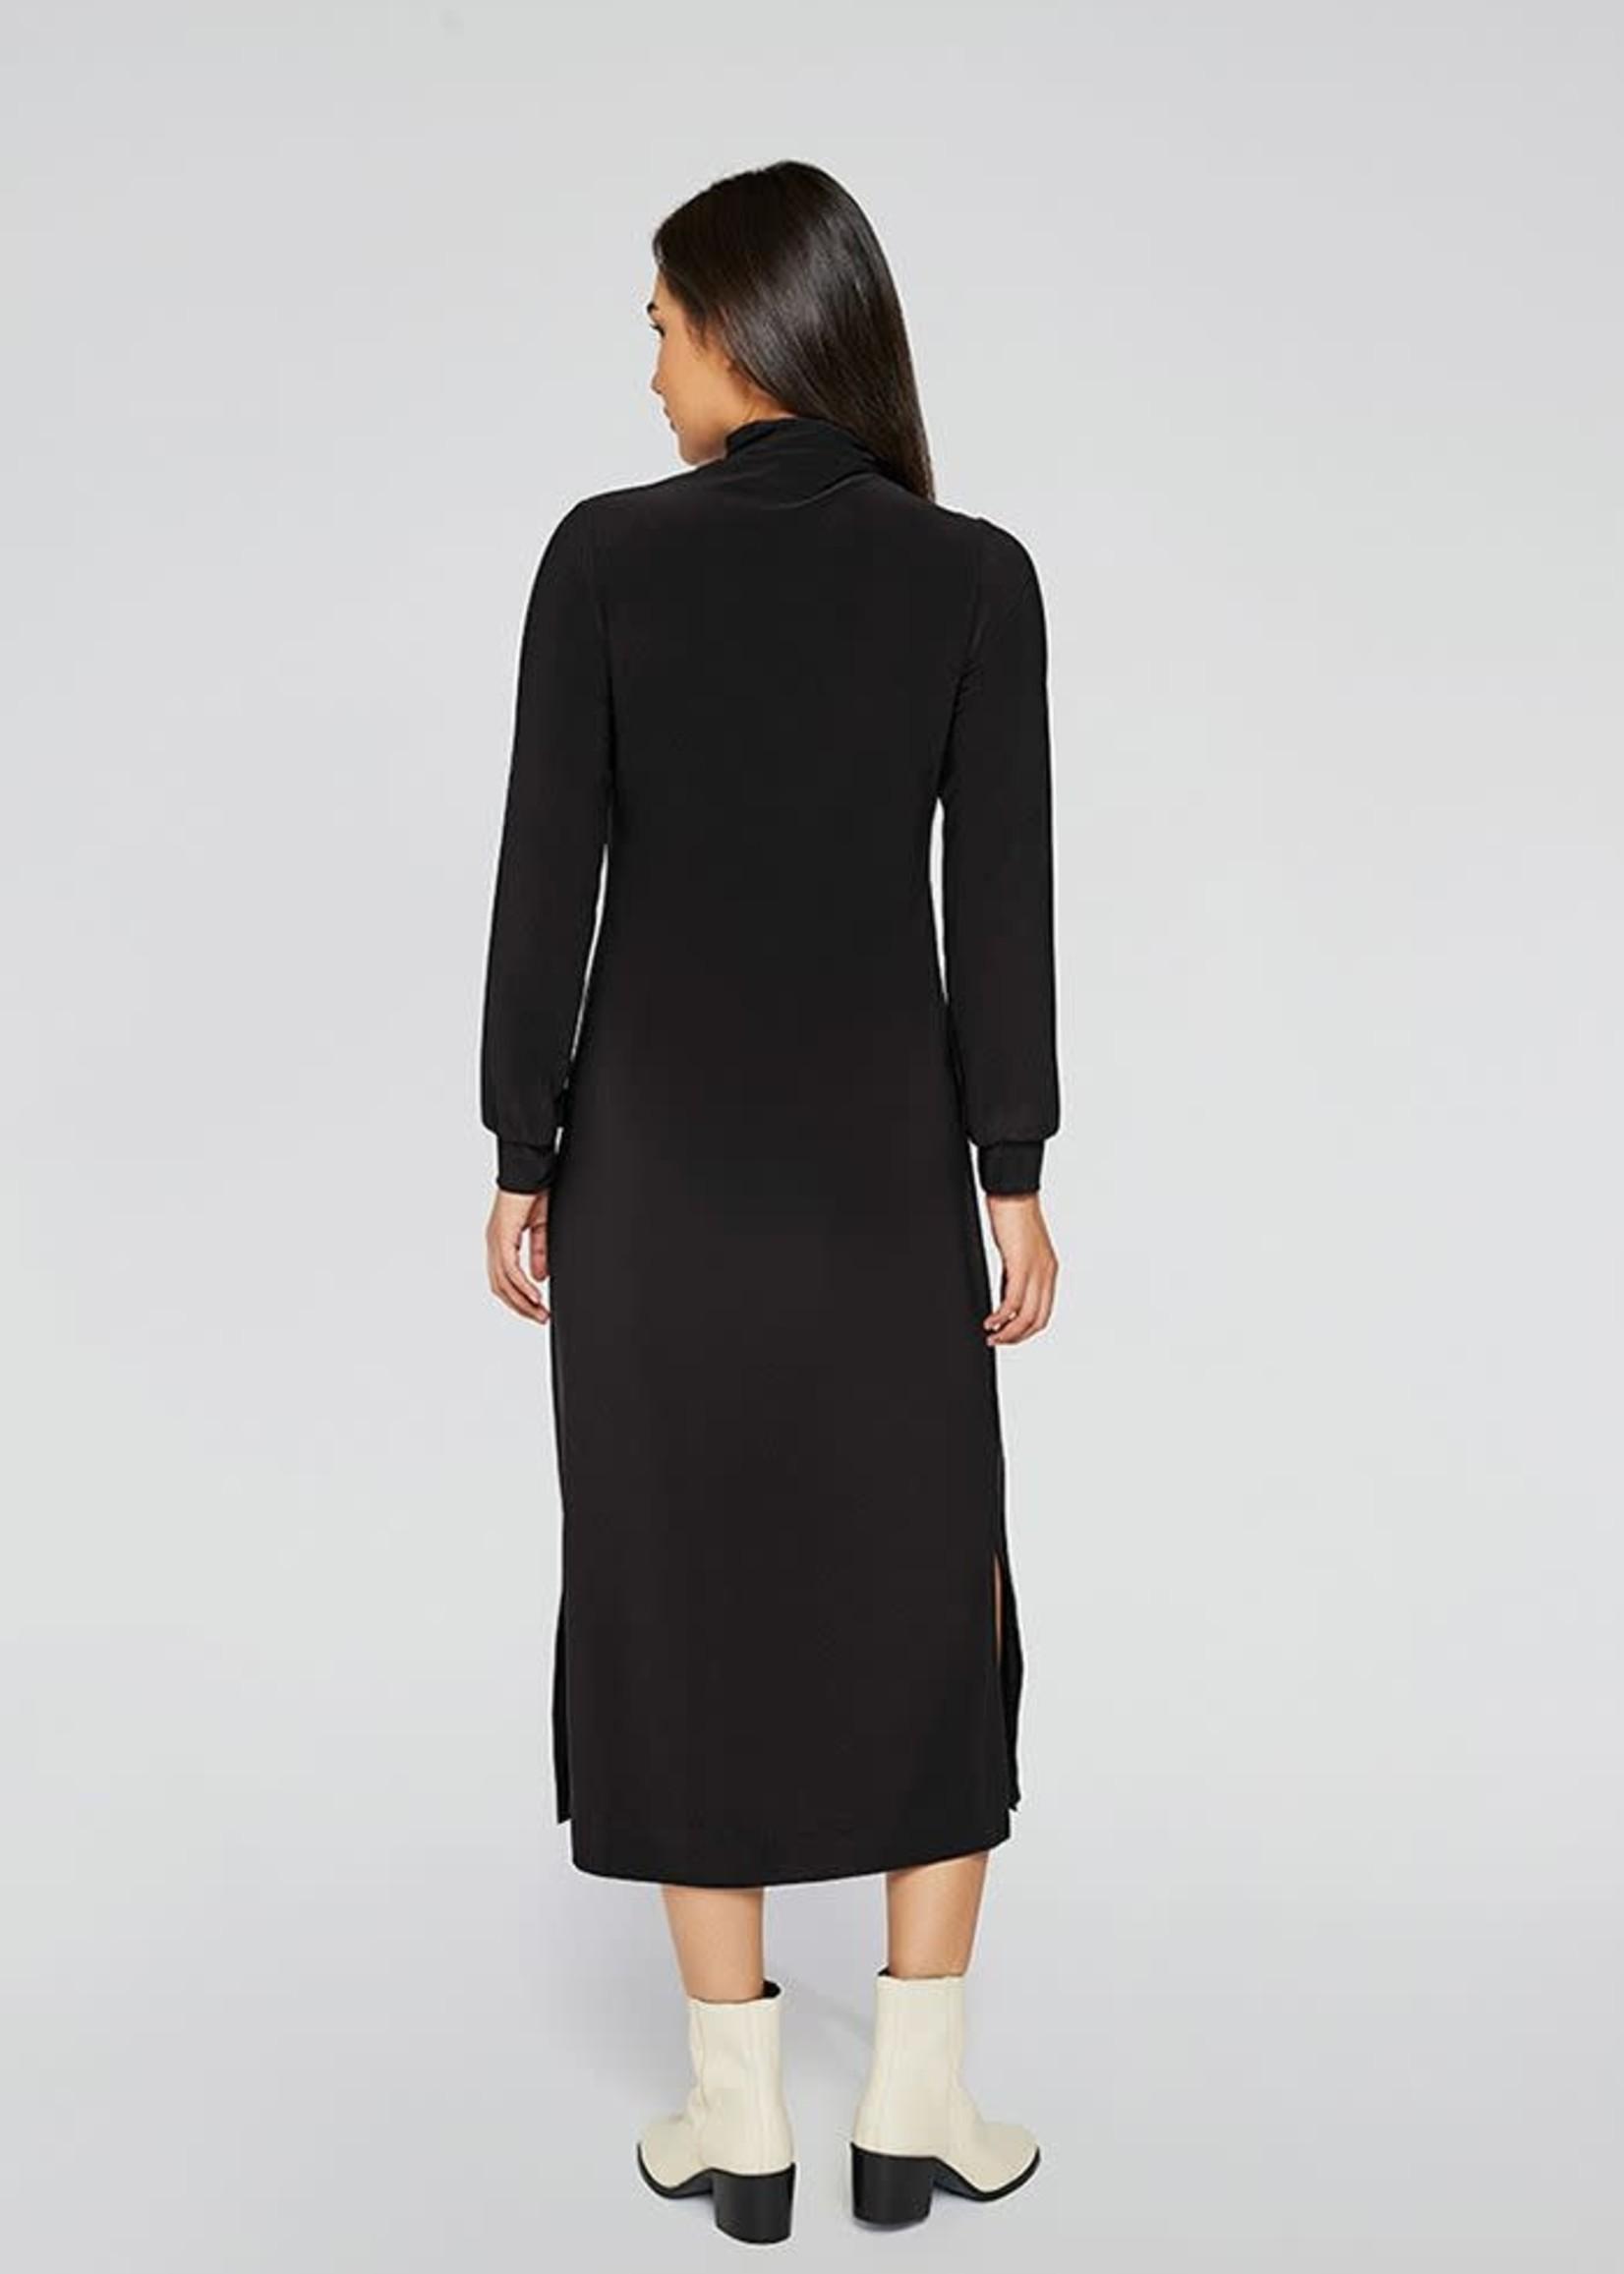 Sympli Sympli Turtleneck Gathered Sleeve Dress